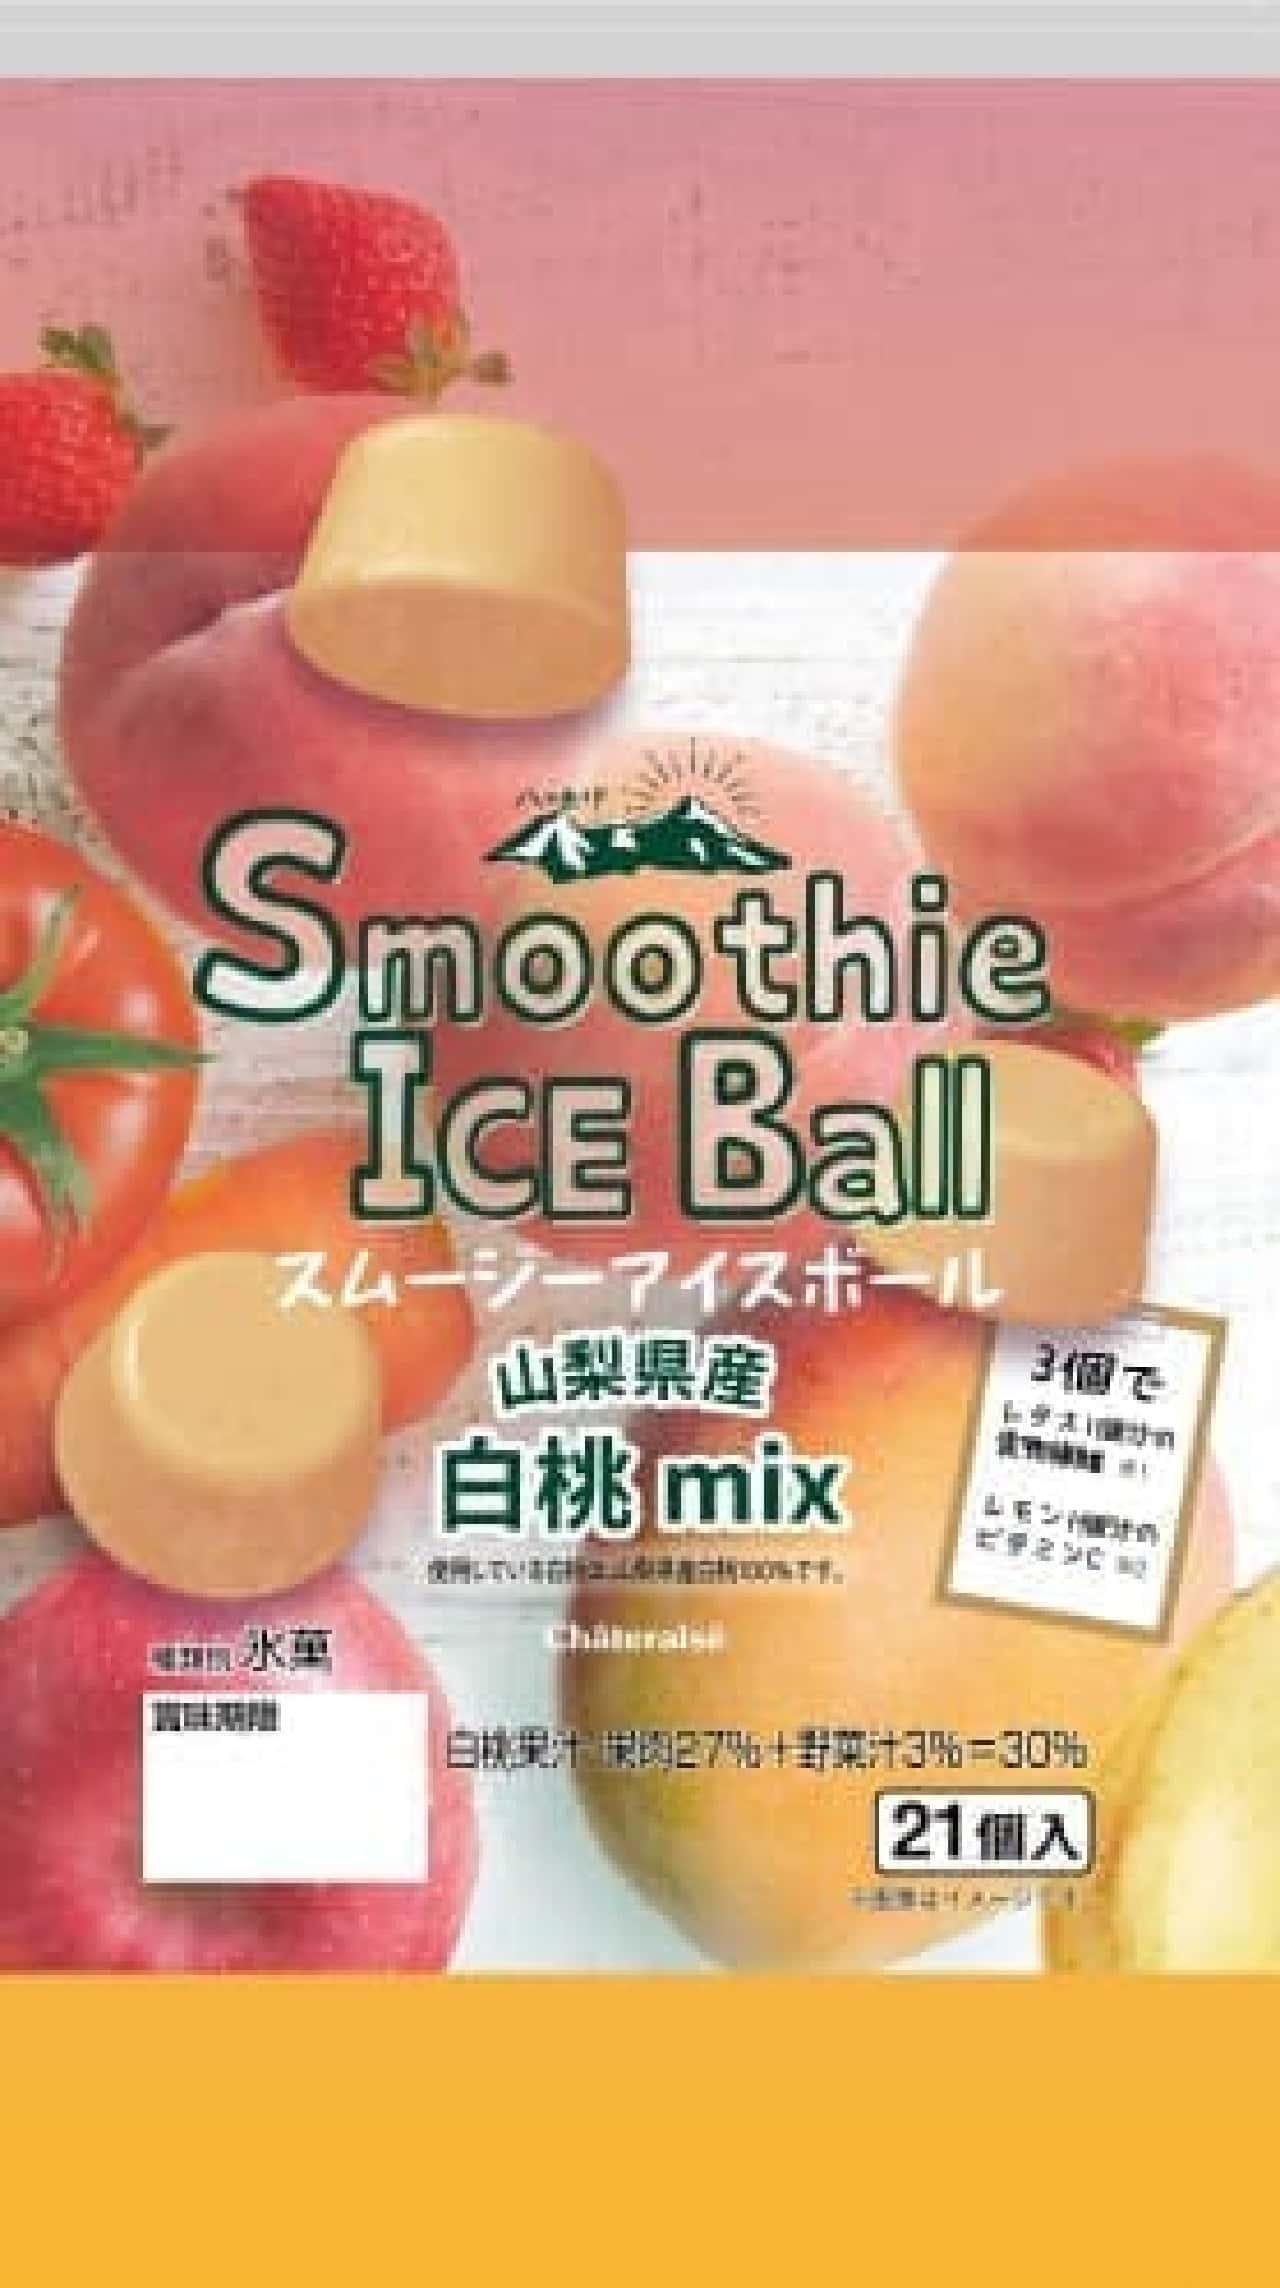 シャトレーゼ「スムージーアイスボール 山梨県産白桃mix」